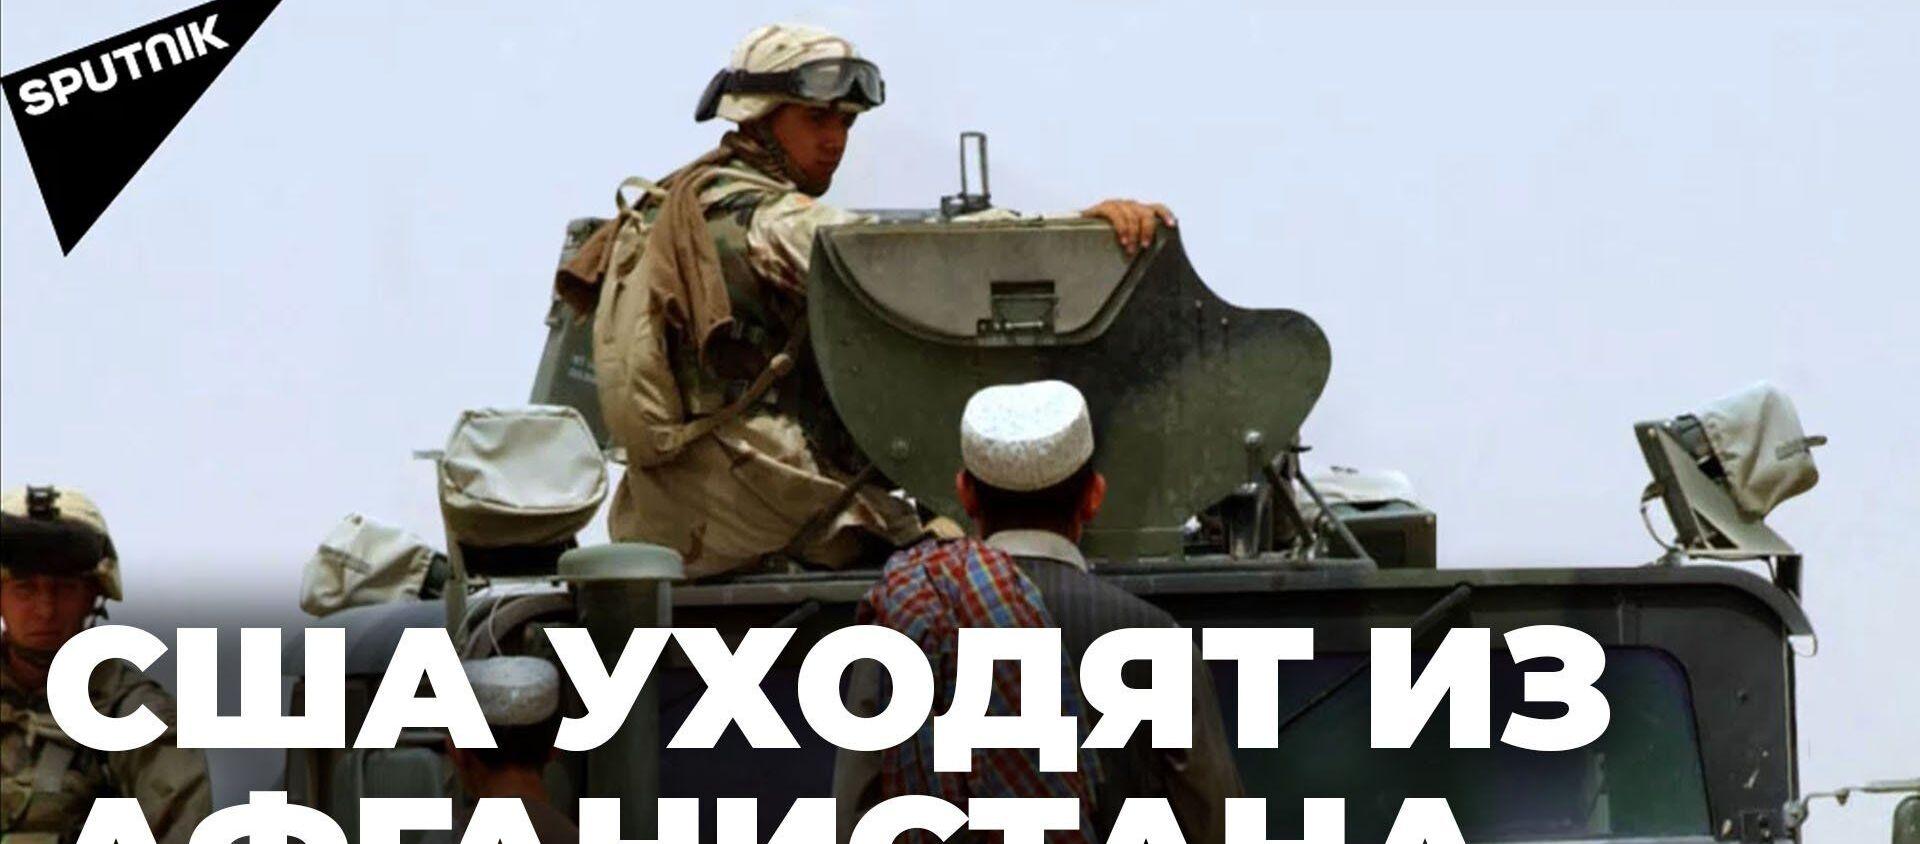 США уходят из Афганистана: что остается? - Sputnik Беларусь, 1920, 03.05.2021